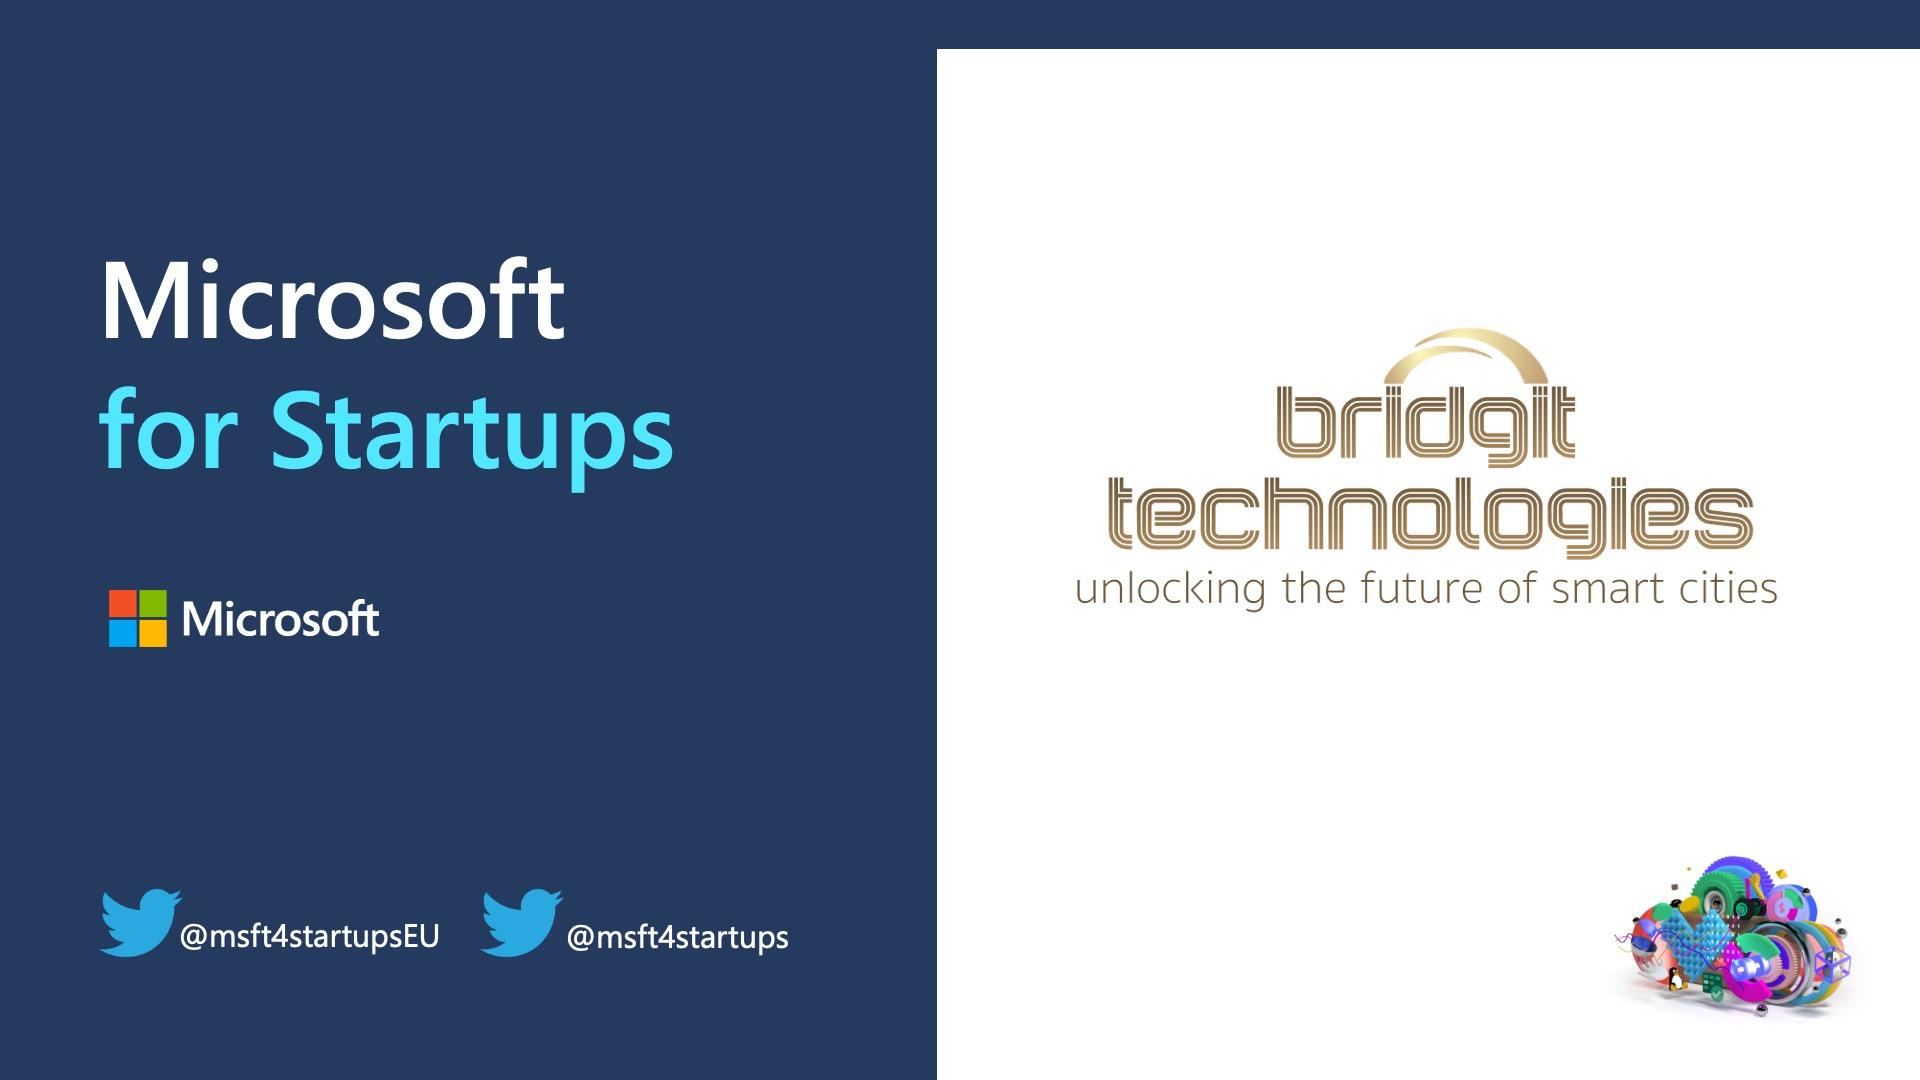 Bridgit Technologies joins the Microsoft for startups program